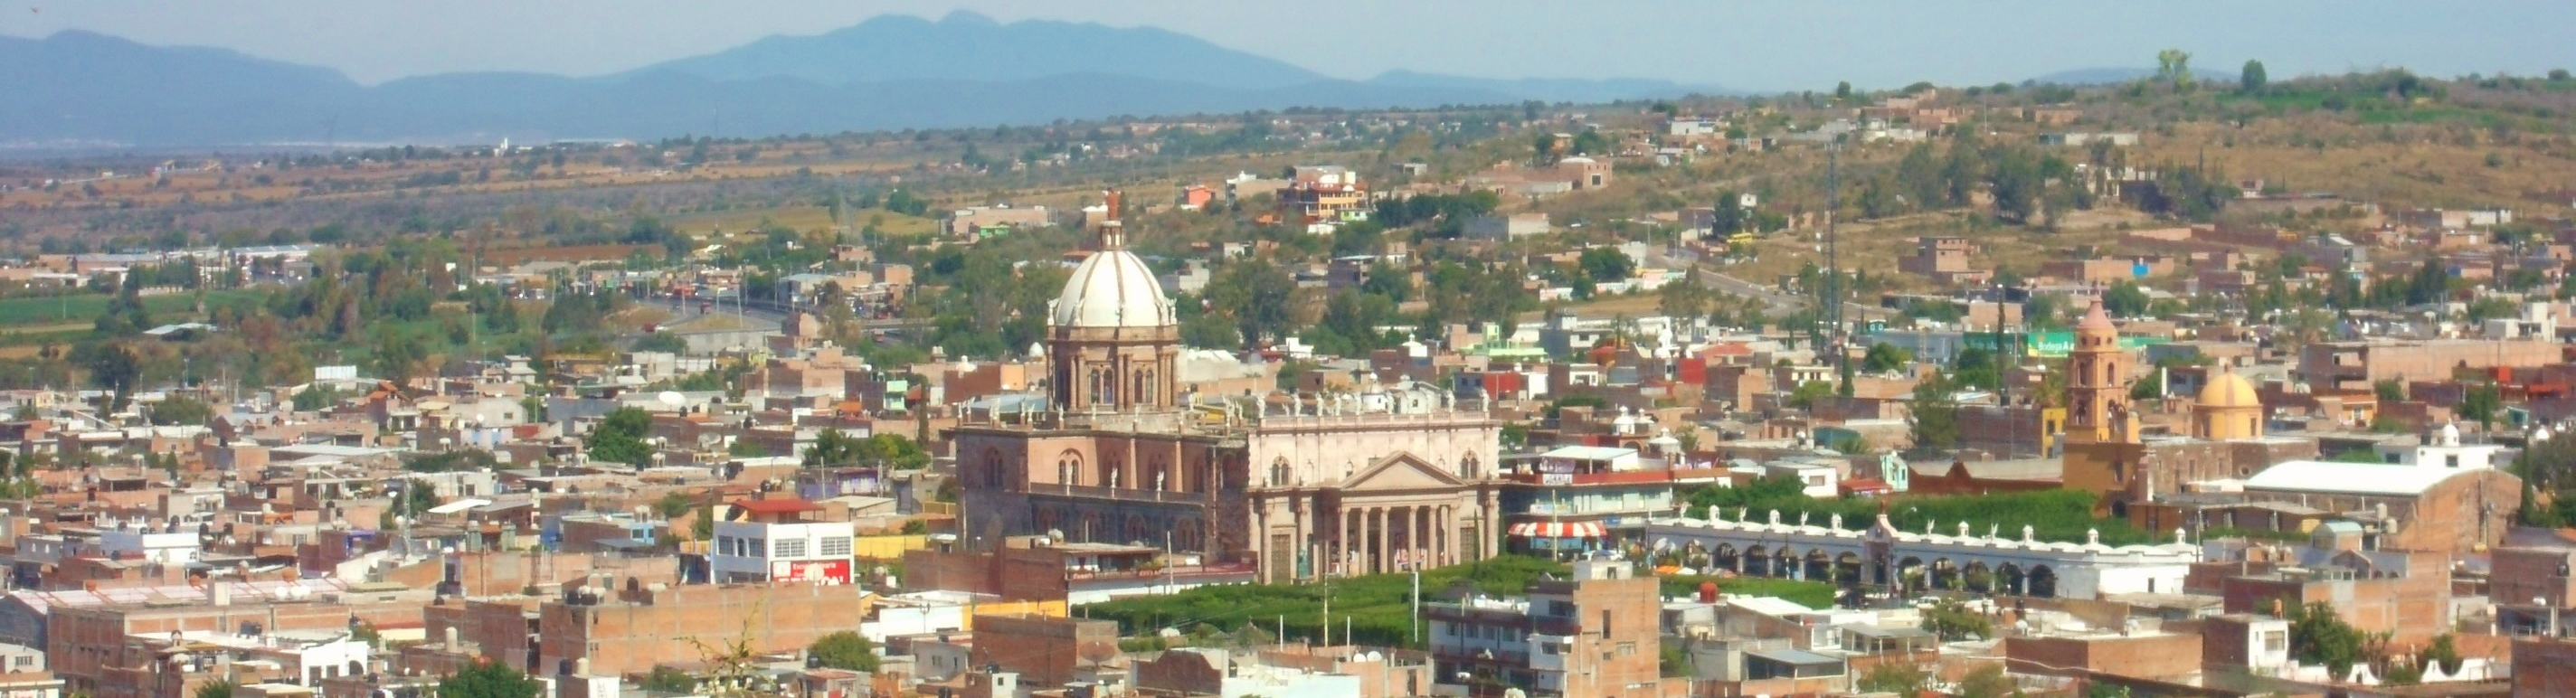 Apaseo El Alto